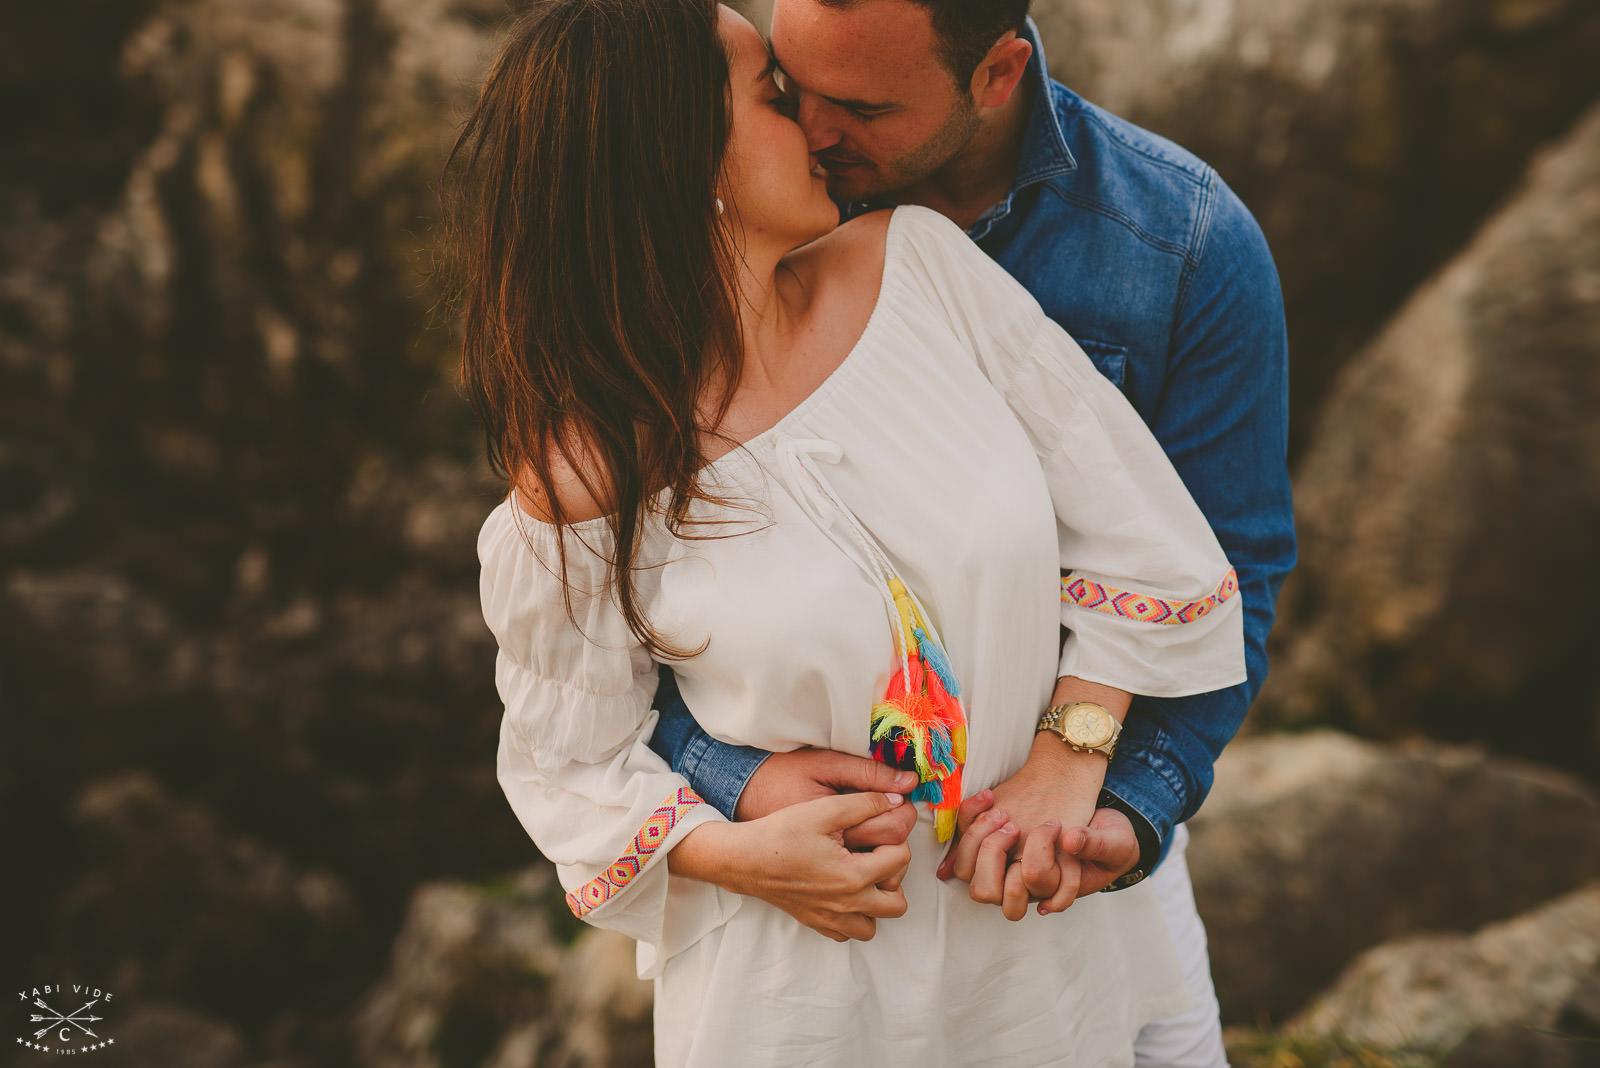 fotografo+de+bodas+en+cantabria-35